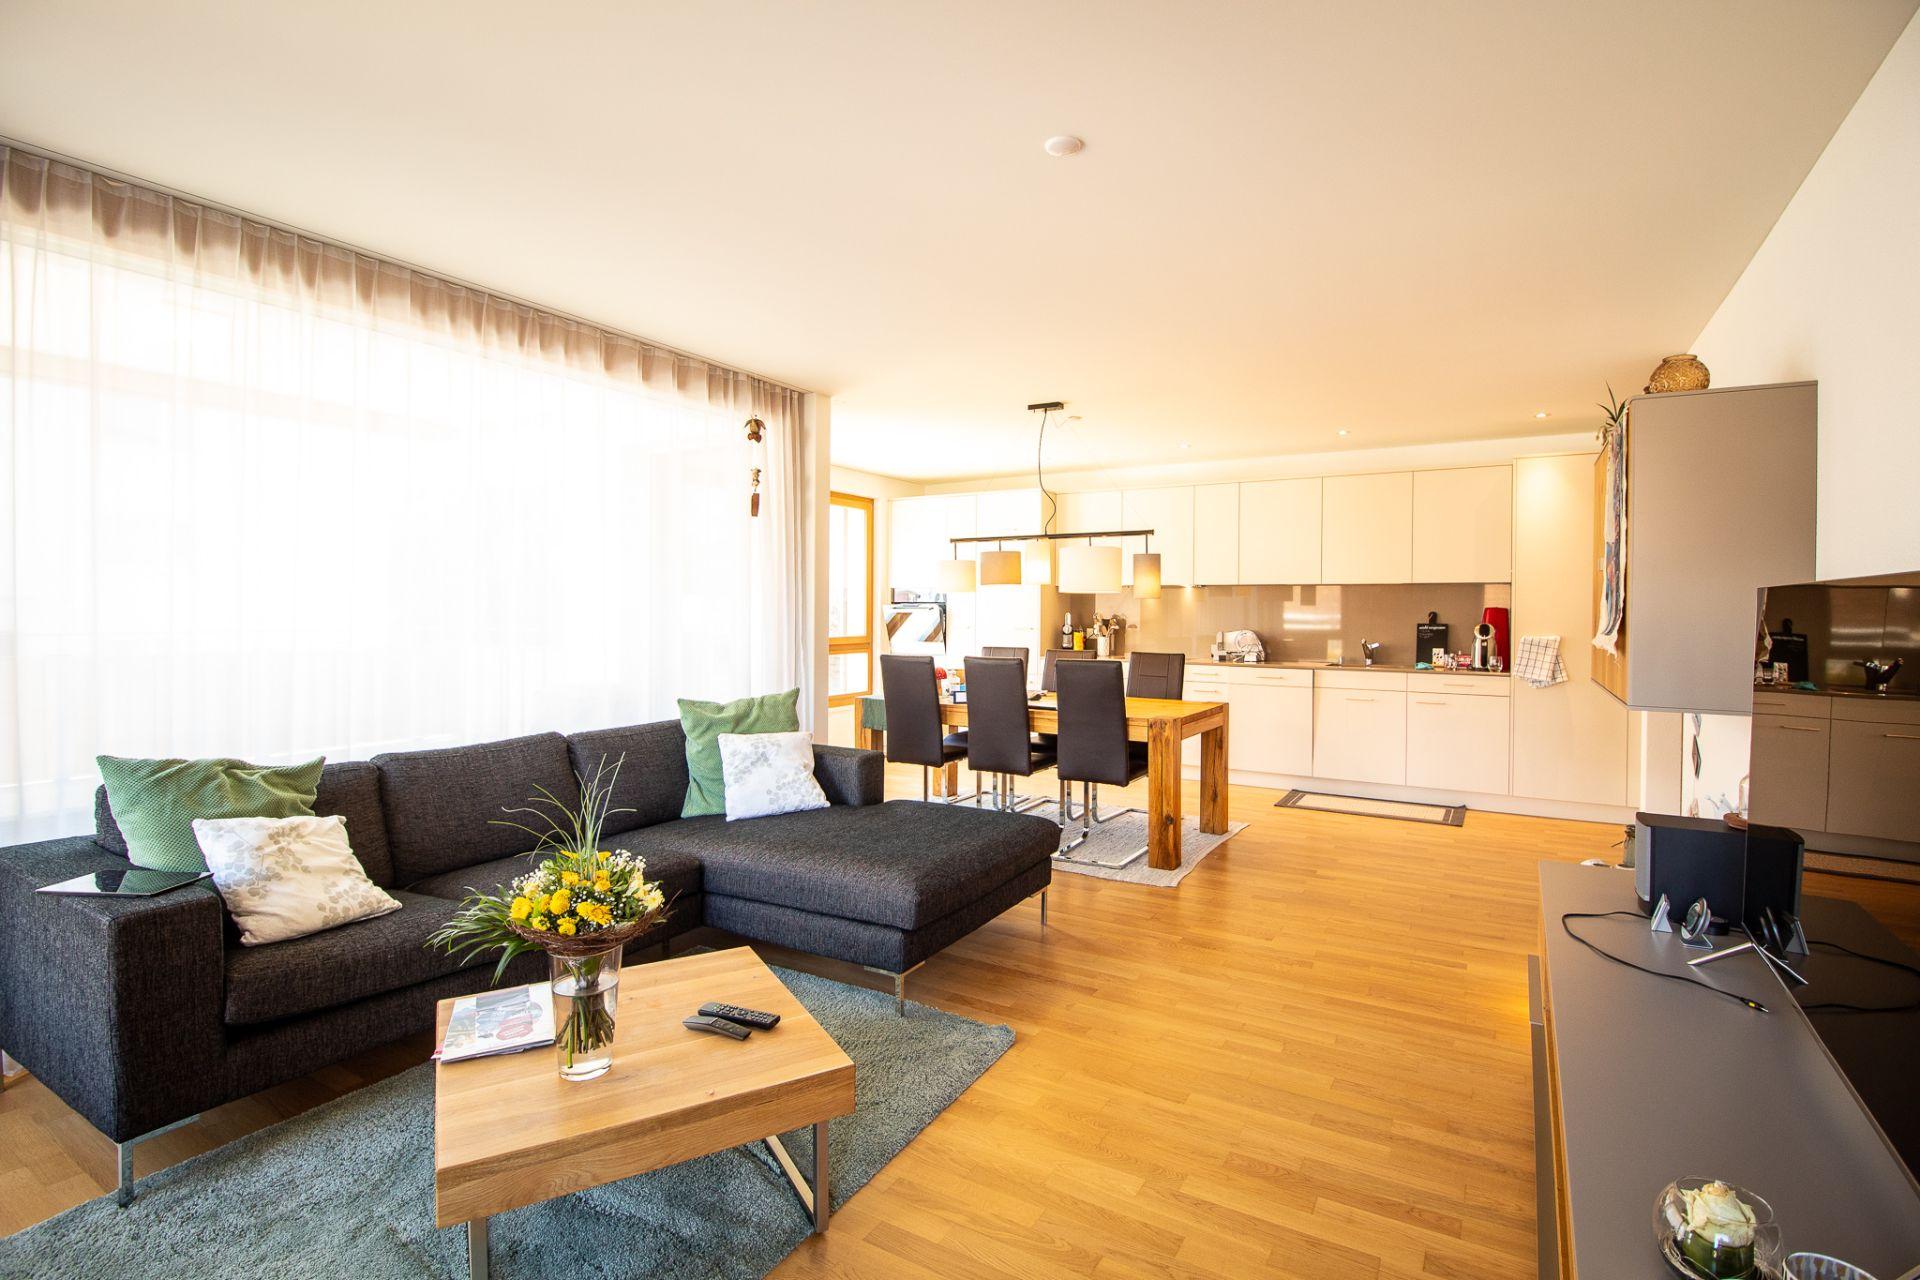 Miete: Wohnung mit topmodernem Innenausbau